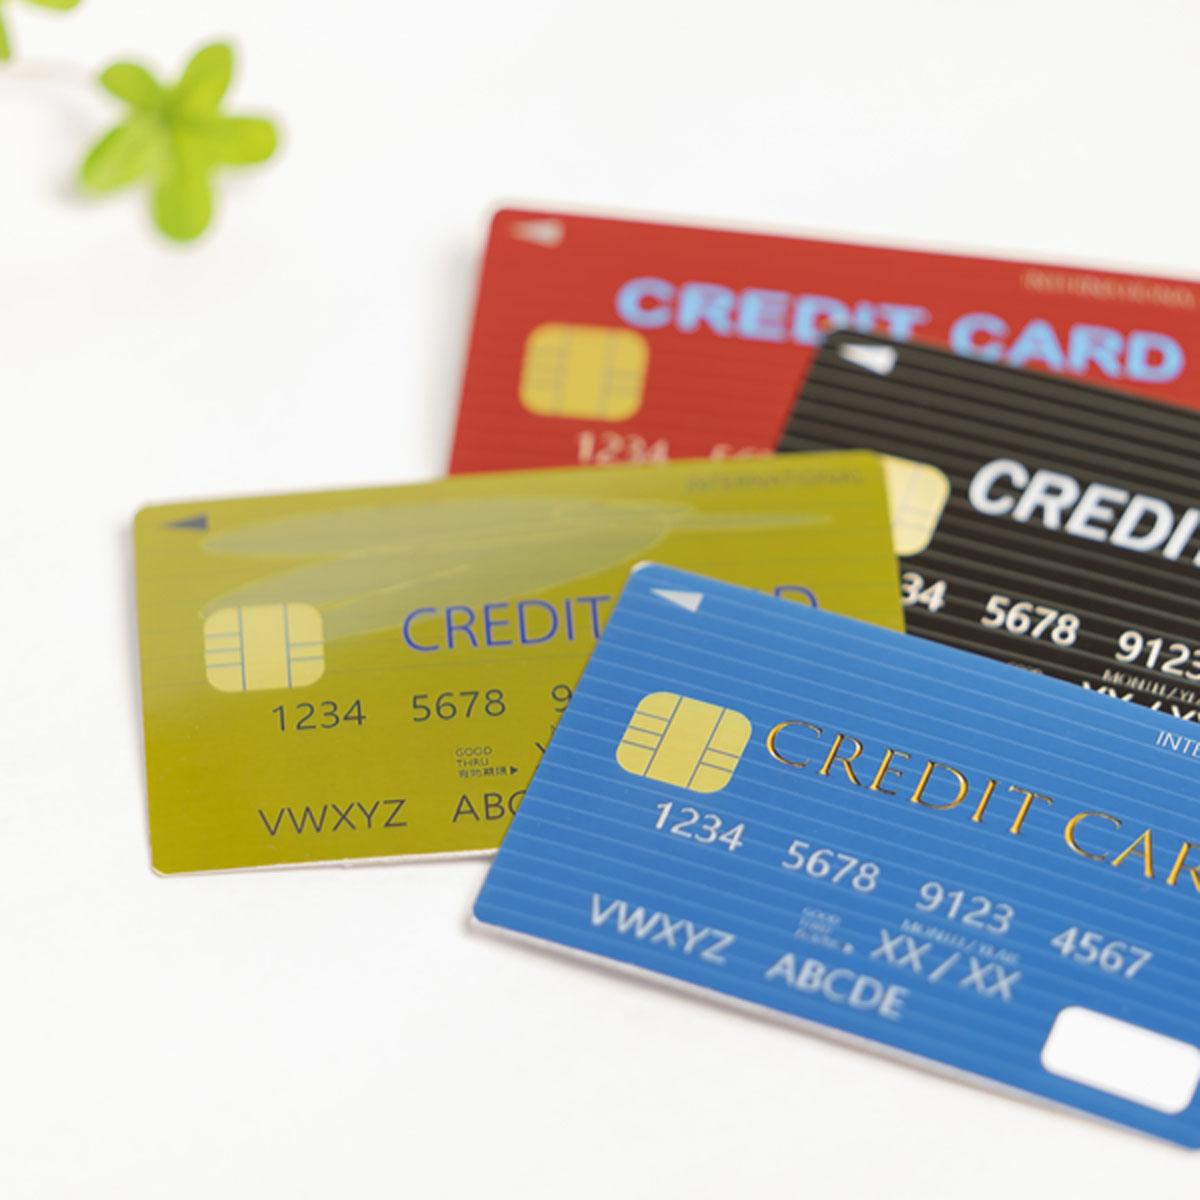 価格.comのクレジットカード人気ランキング、人気の理由をプロが鋭く分析!(6月版)